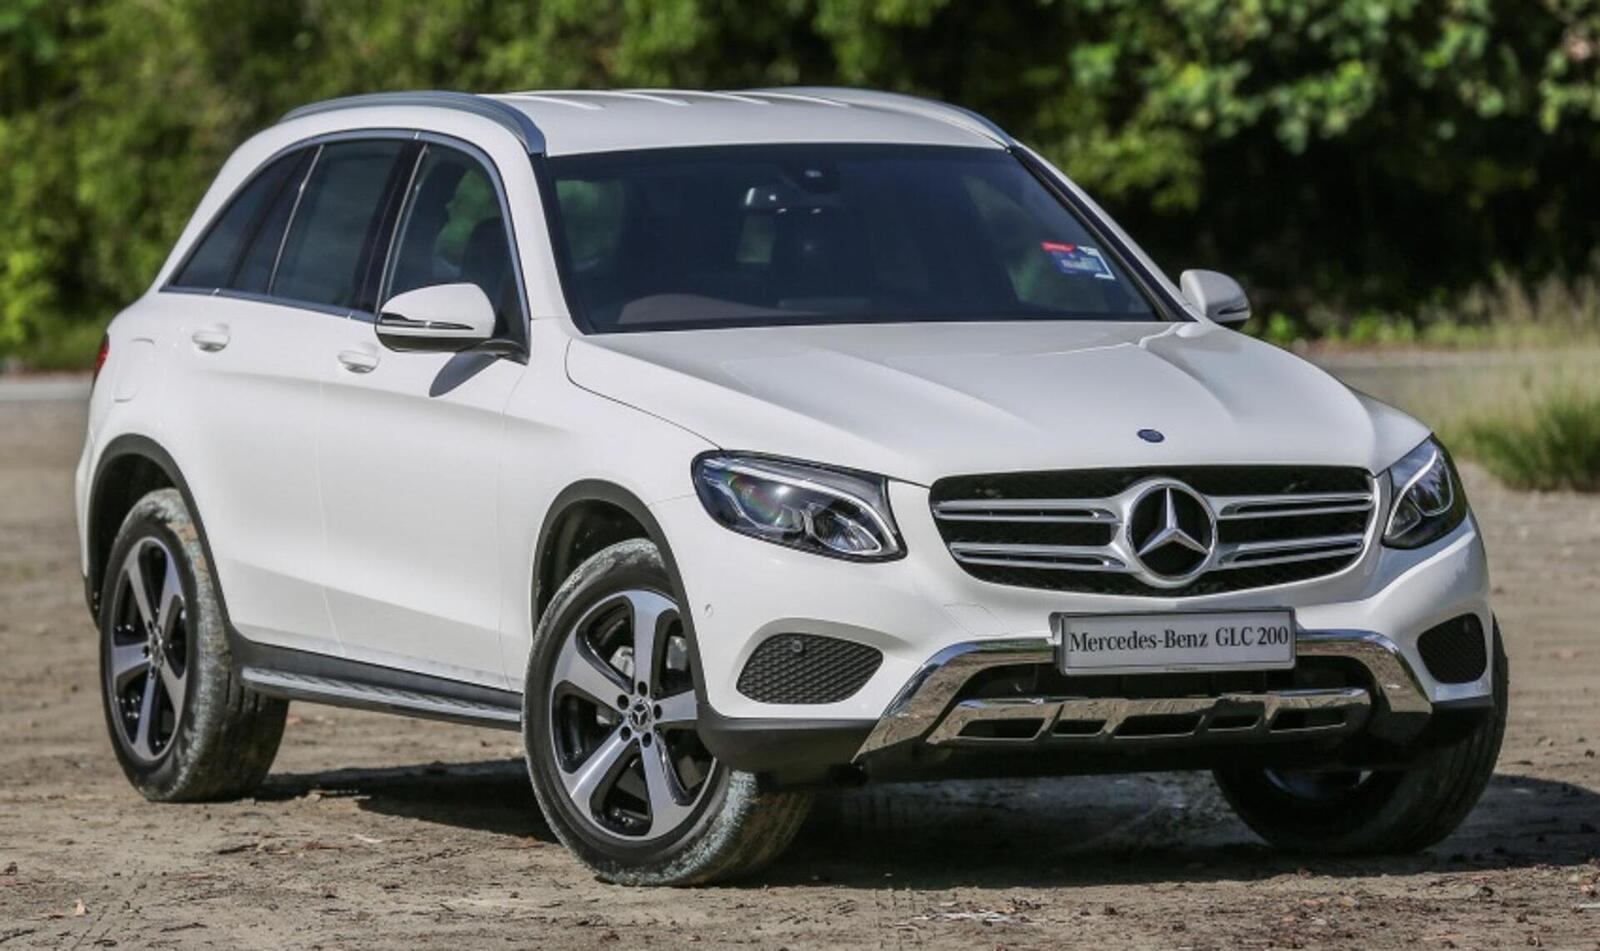 Mercedes-Benz GLC 200 có thể sẽ về Việt Nam với giá rẻ hơn - Hình 1